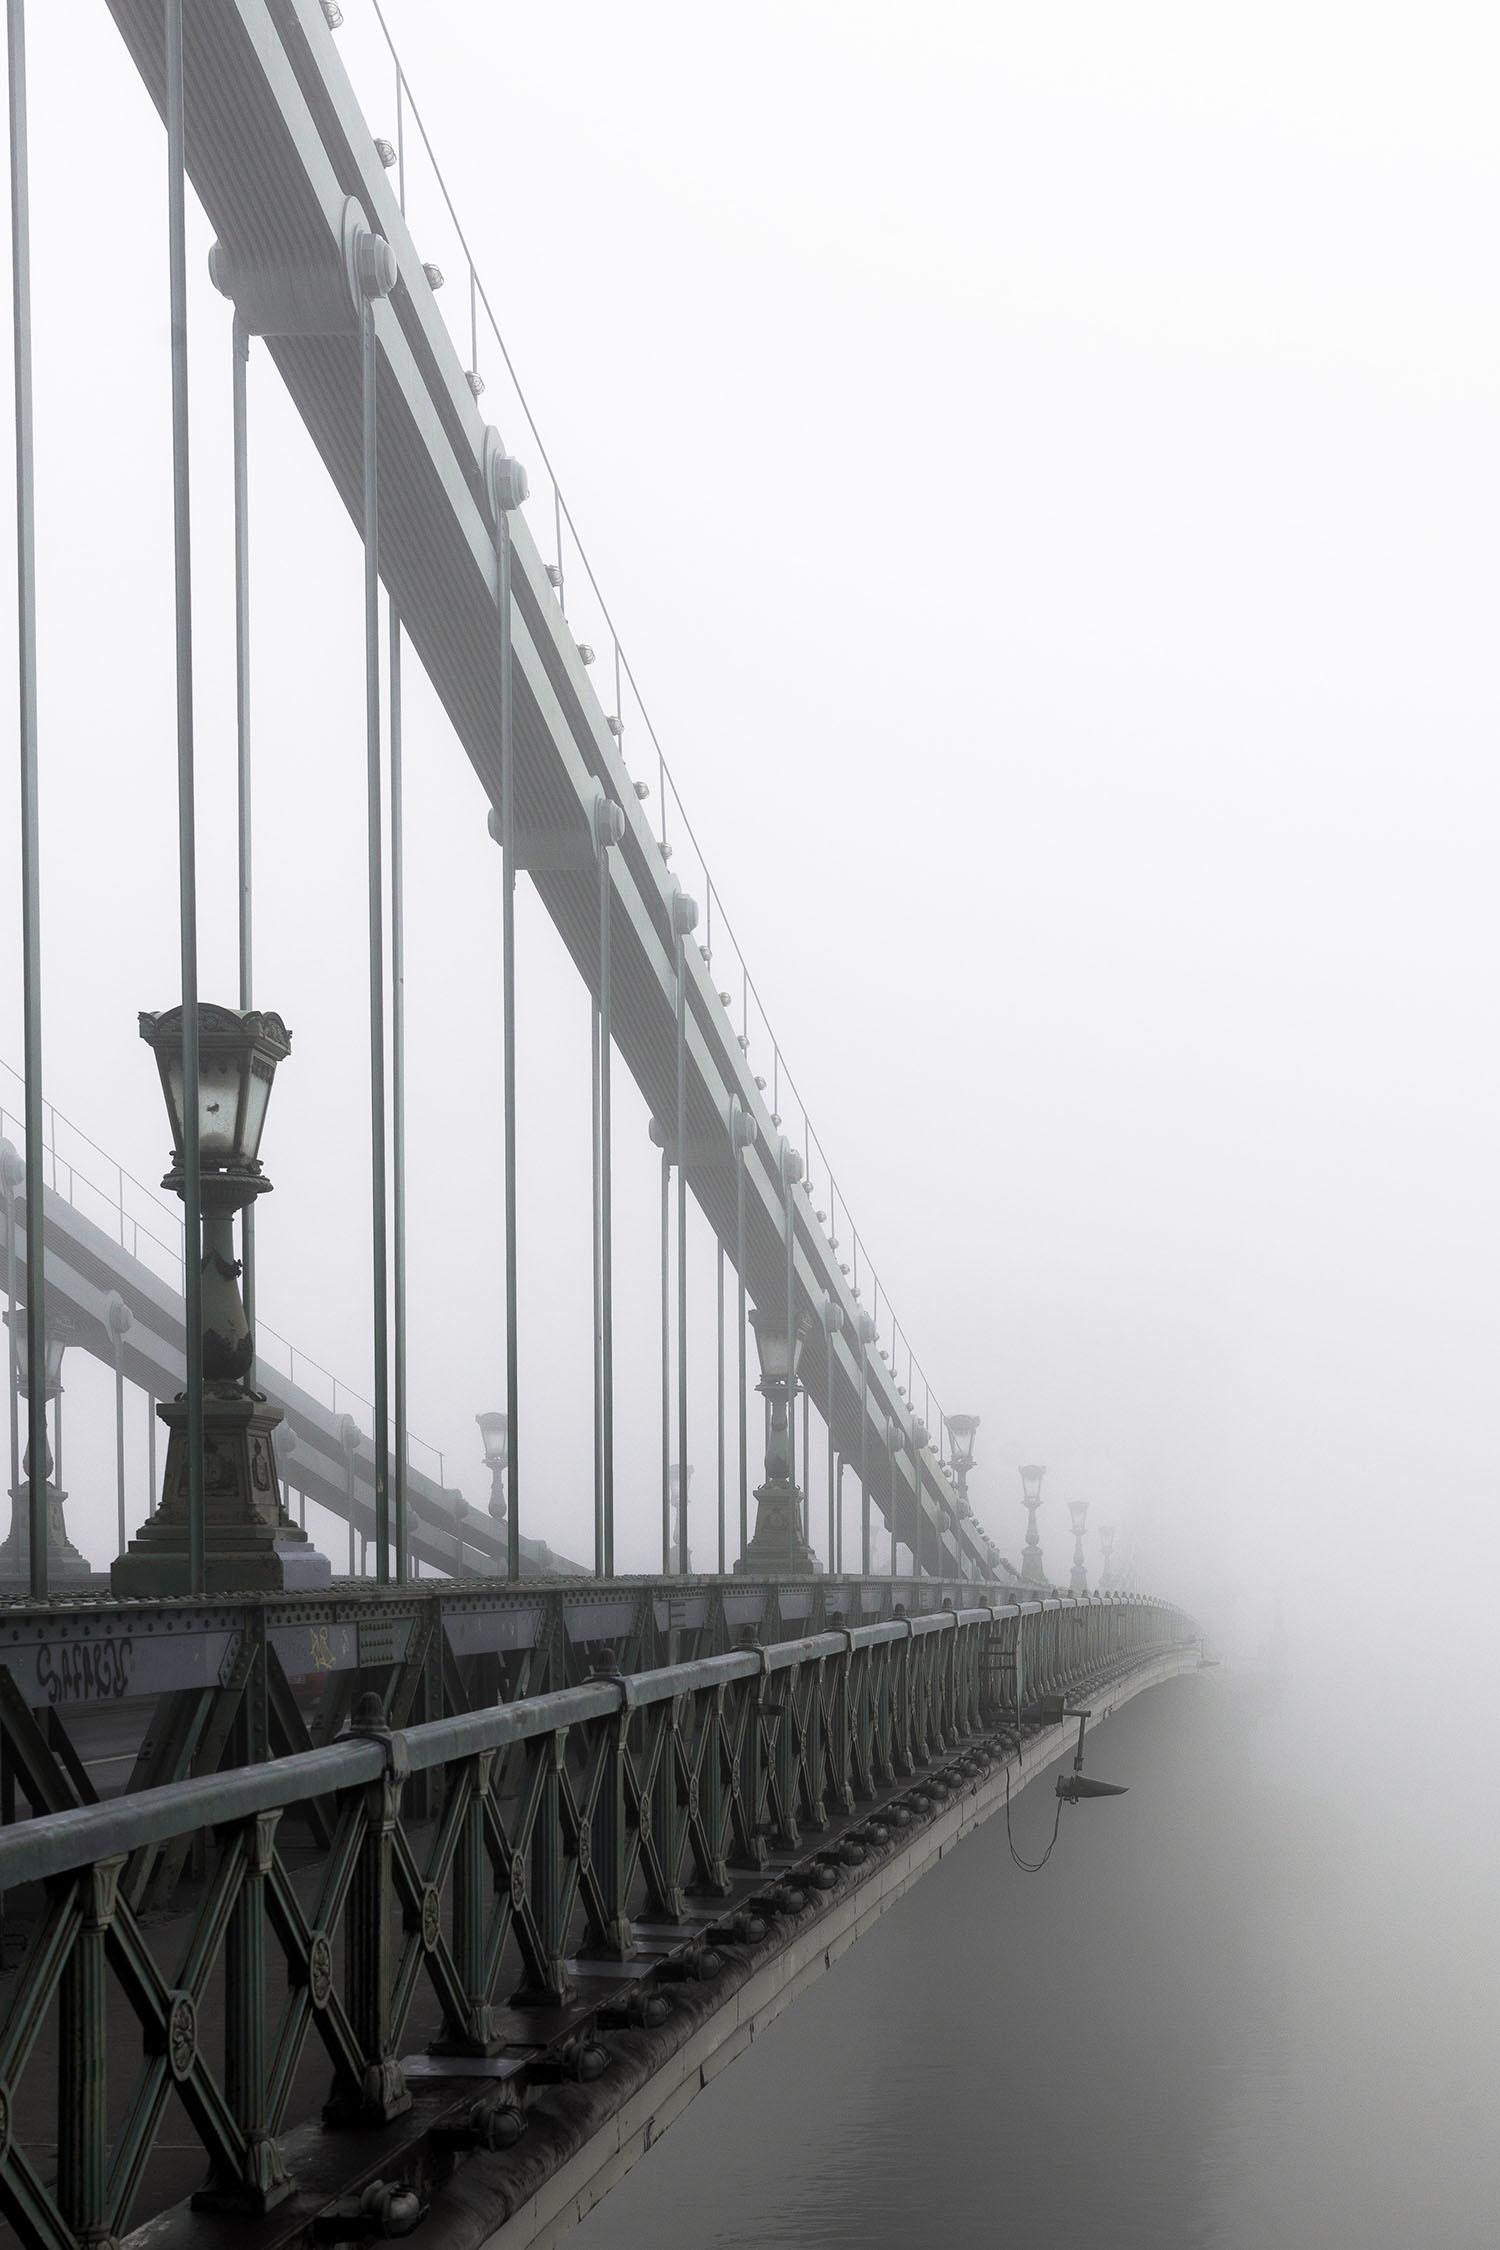 Széchenyi Chain Bridge |  @danesduet